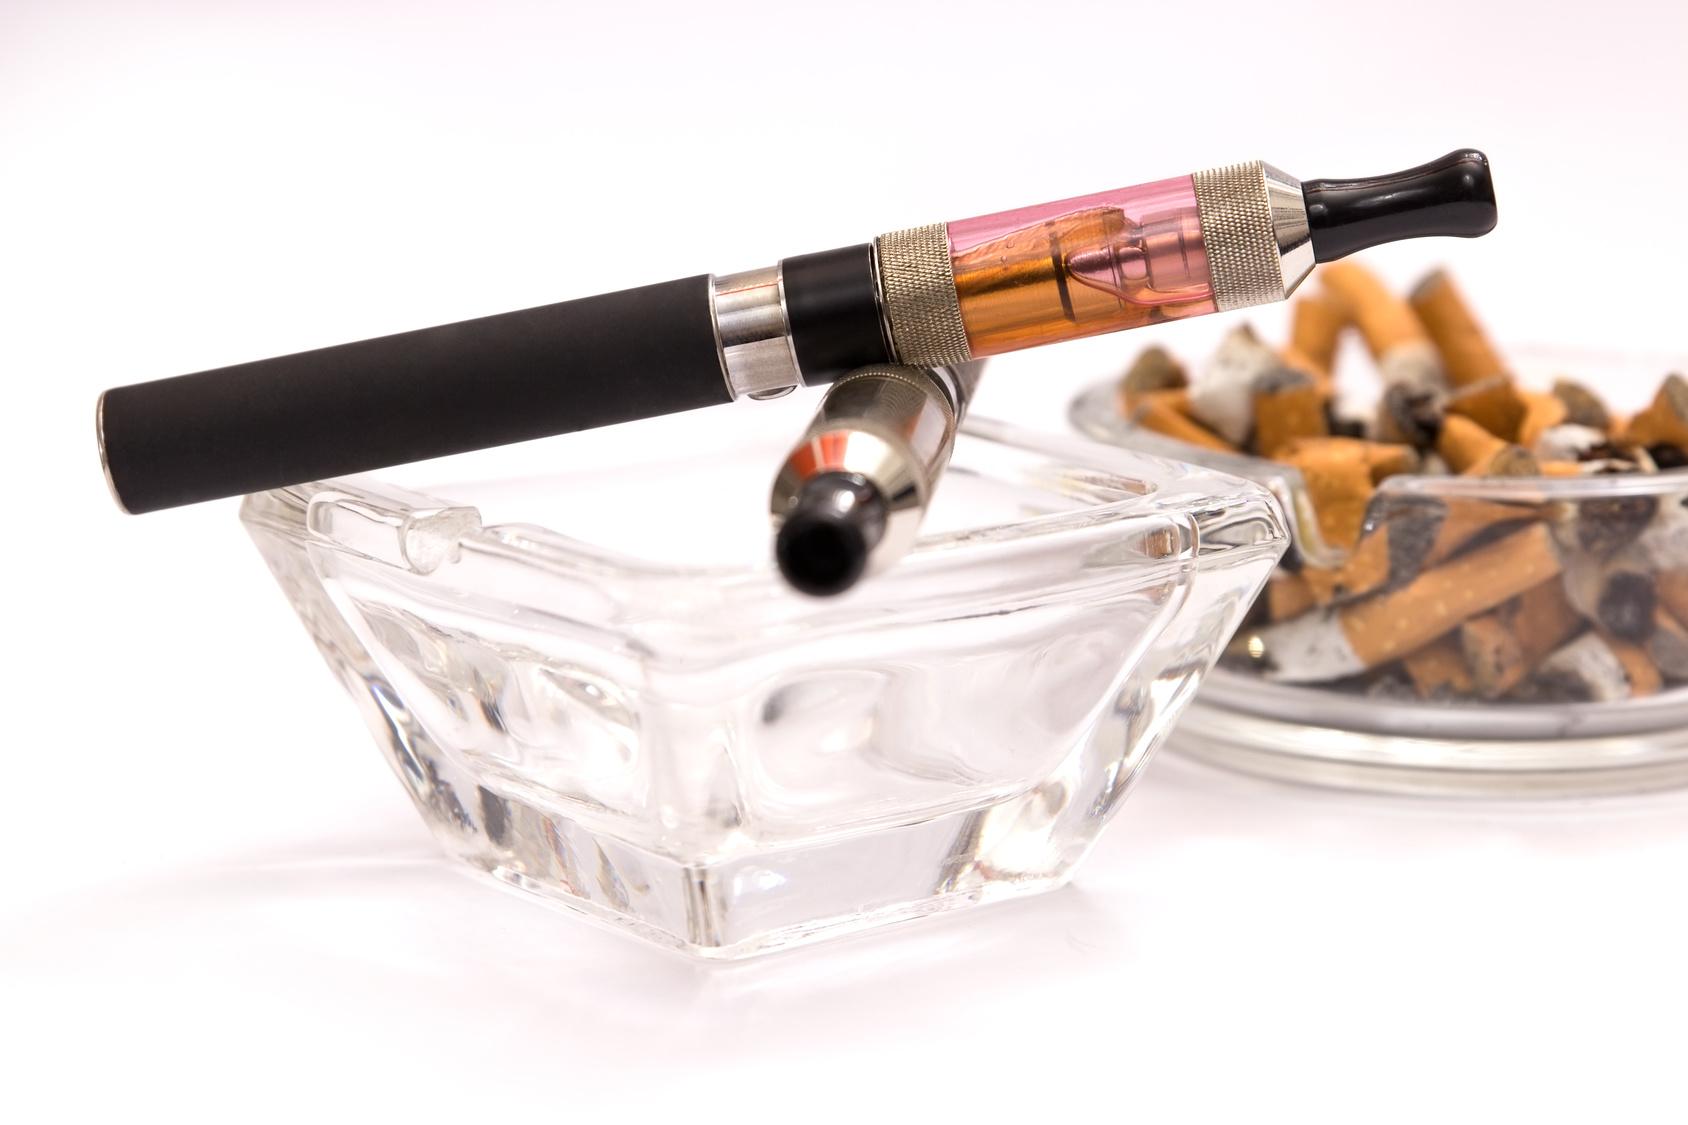 E-Zigarette in Aschenbecher und voller Aschenbecher mit Tabakzigaretten im Hintergrund